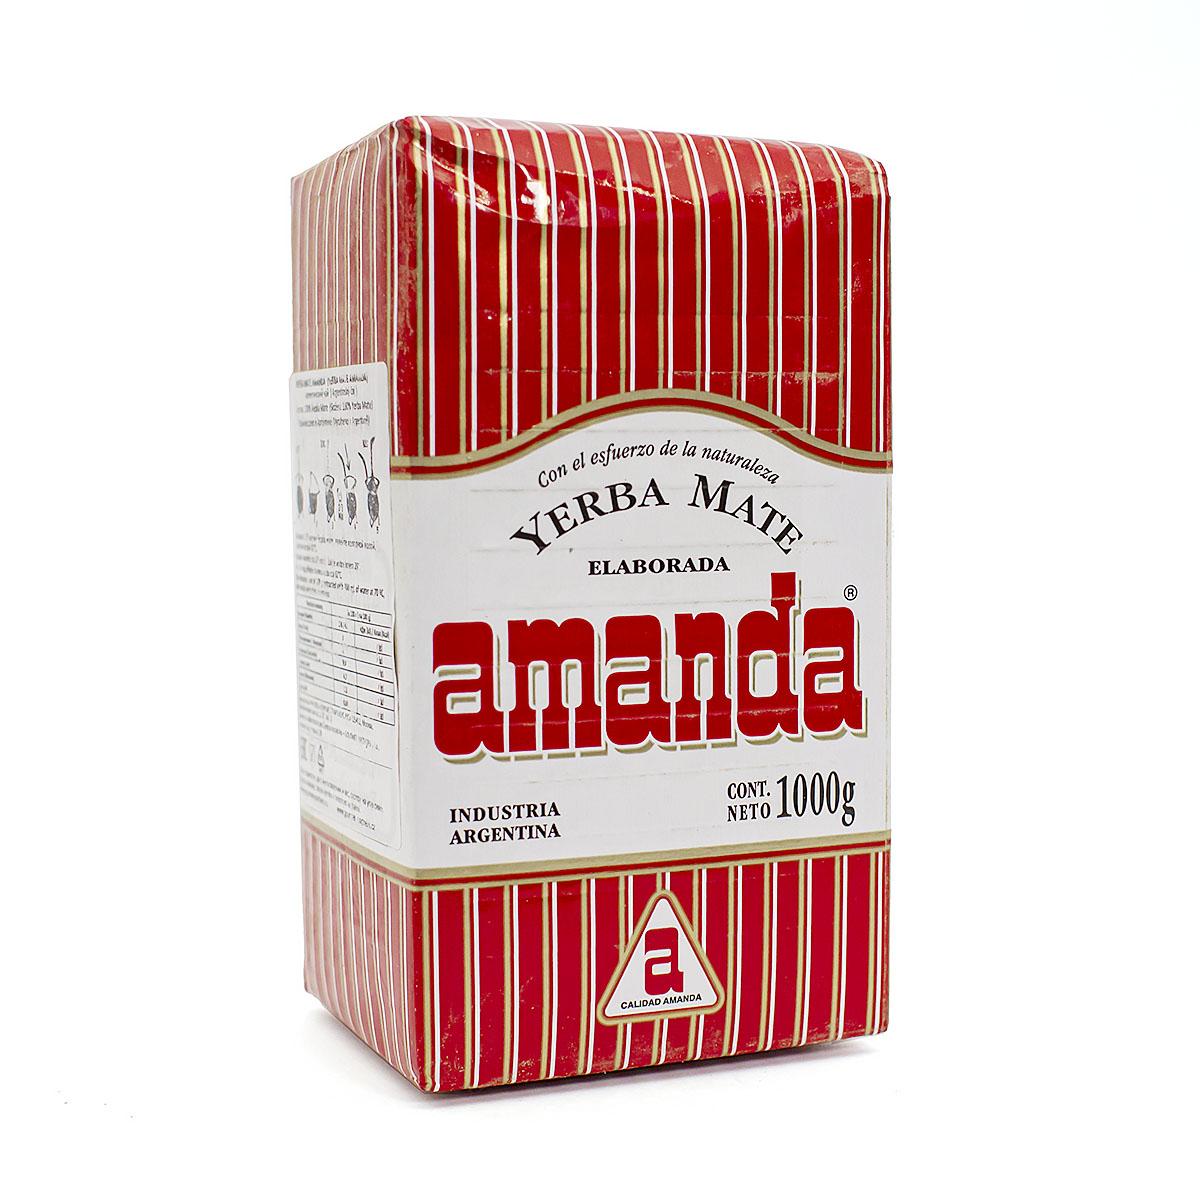 Мате Amanda Tradicional pressed, 1000 г мате amanda tradicional pressed 250 г